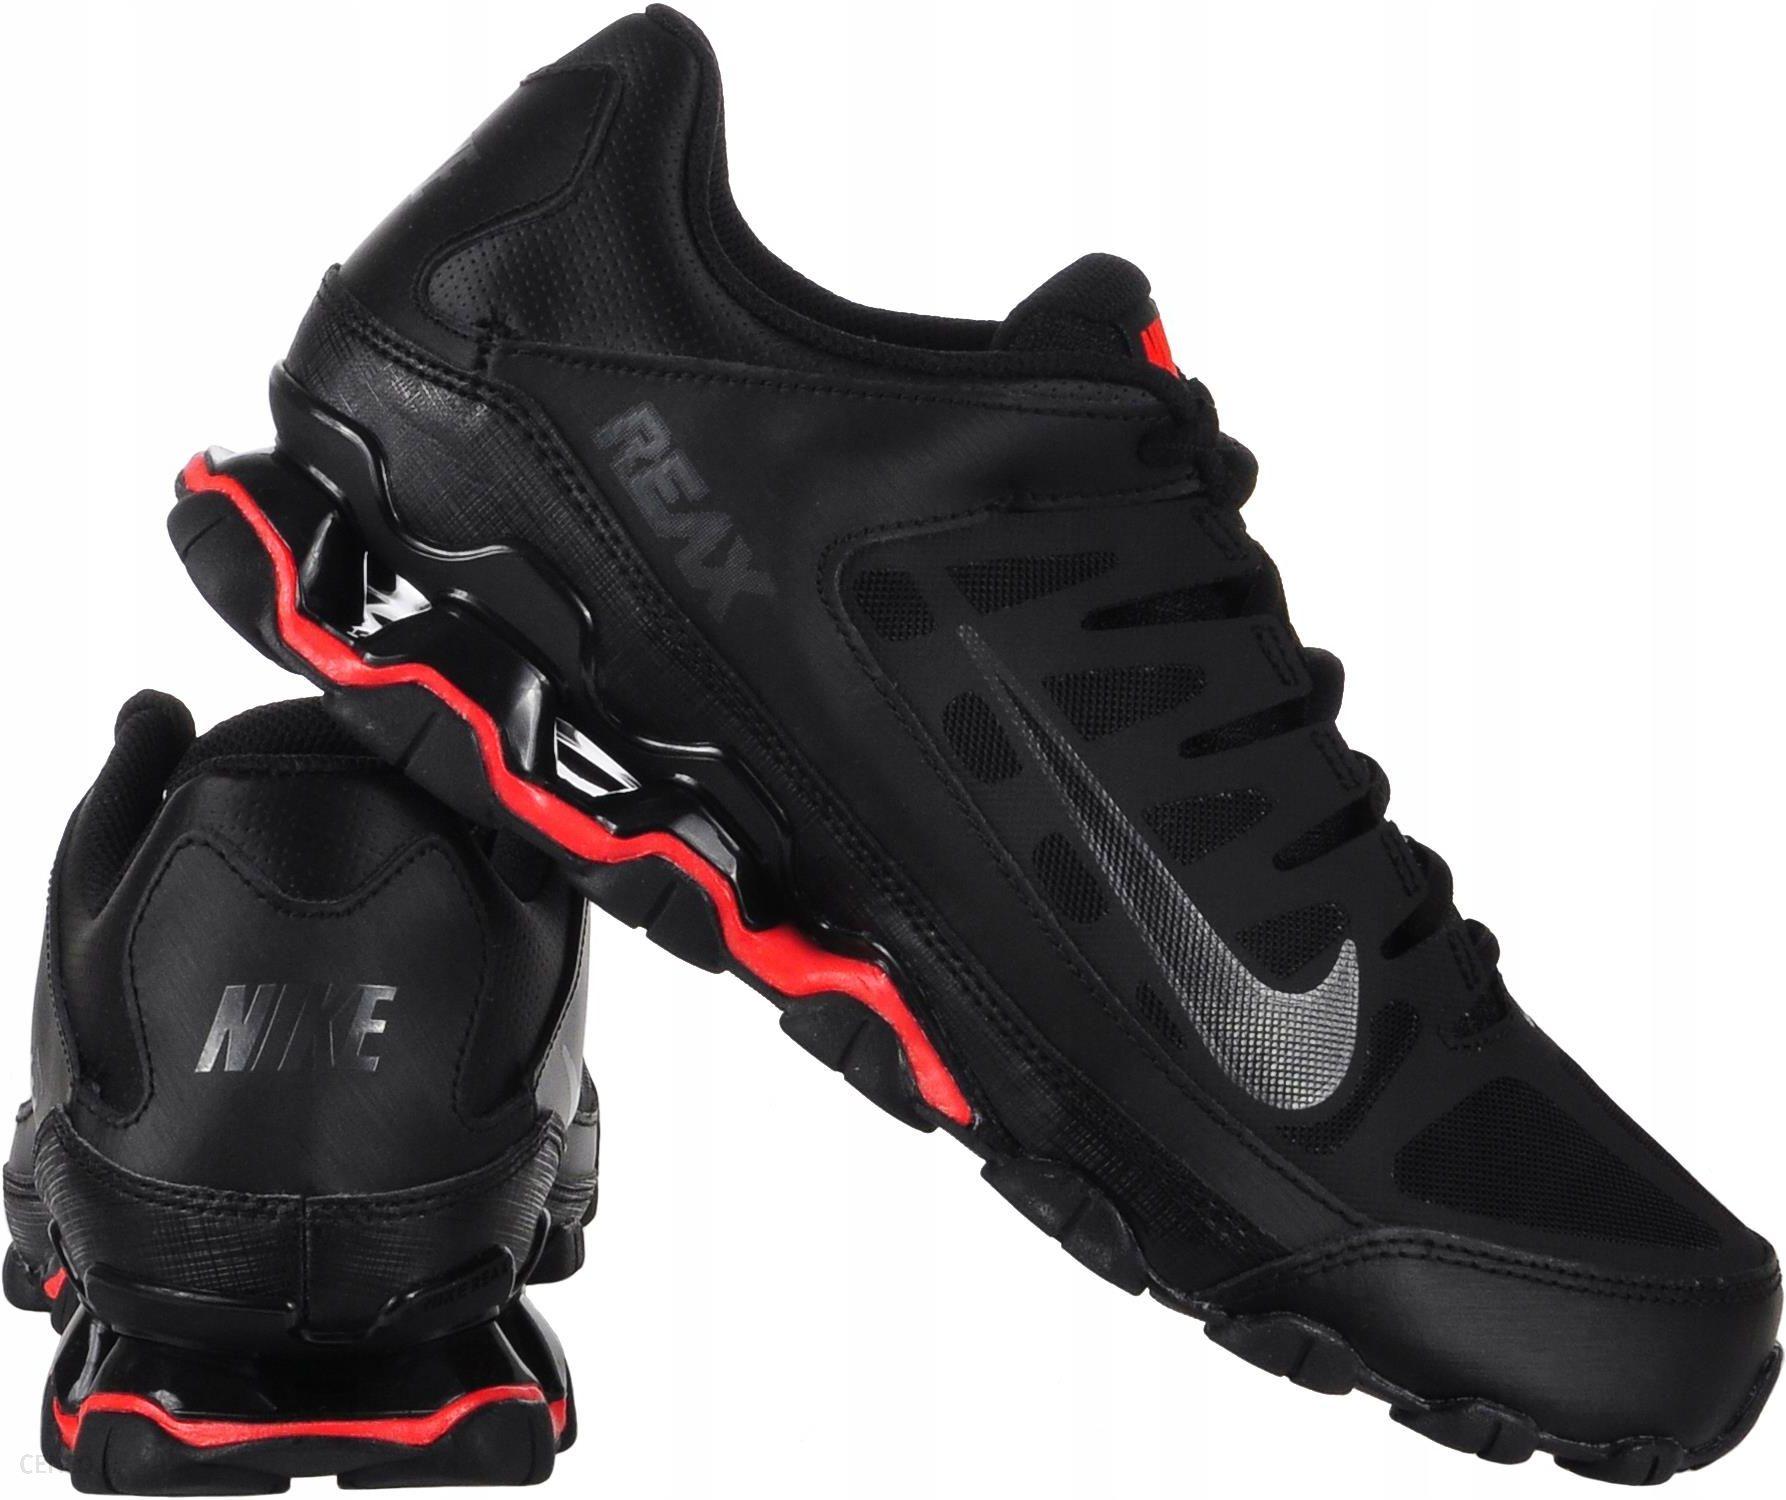 46b1685a Nike Reax Mesh 8 Tr Buty Męskie Shox Czarne r.47 - Ceny i opinie ...